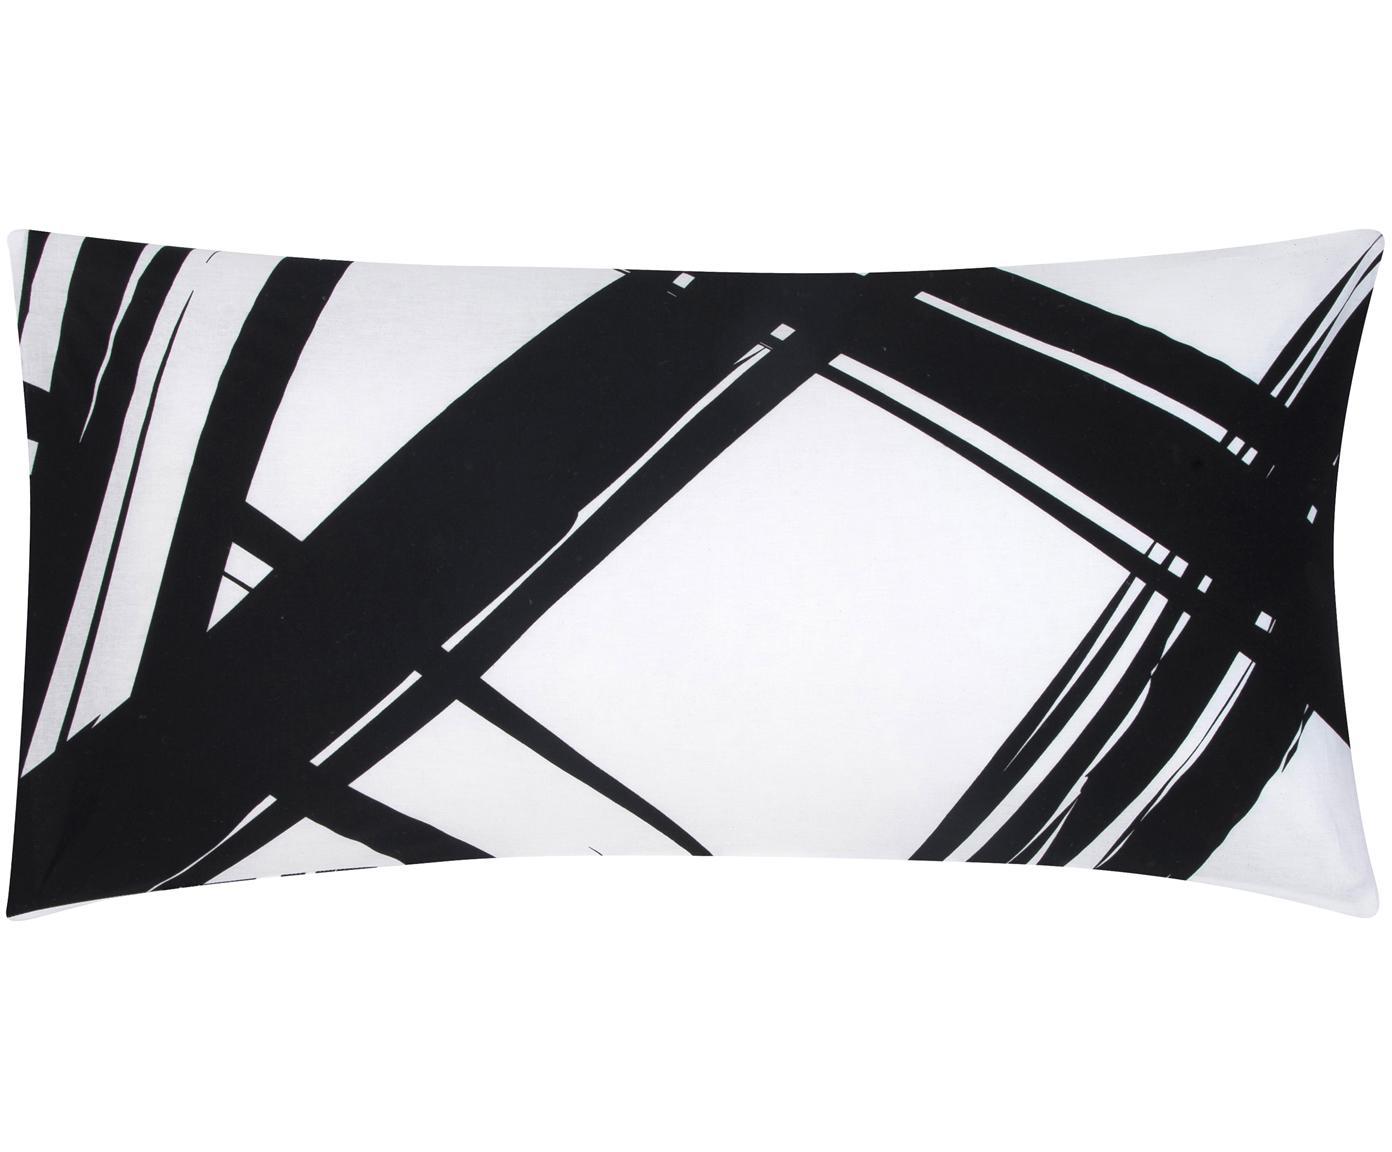 Baumwoll-Kissenbezüge Brush mit abstraktem Print, 2 Stück, Webart: Renforcé Fadendichte 144 , Schwarz, Weiß, 40 x 80 cm